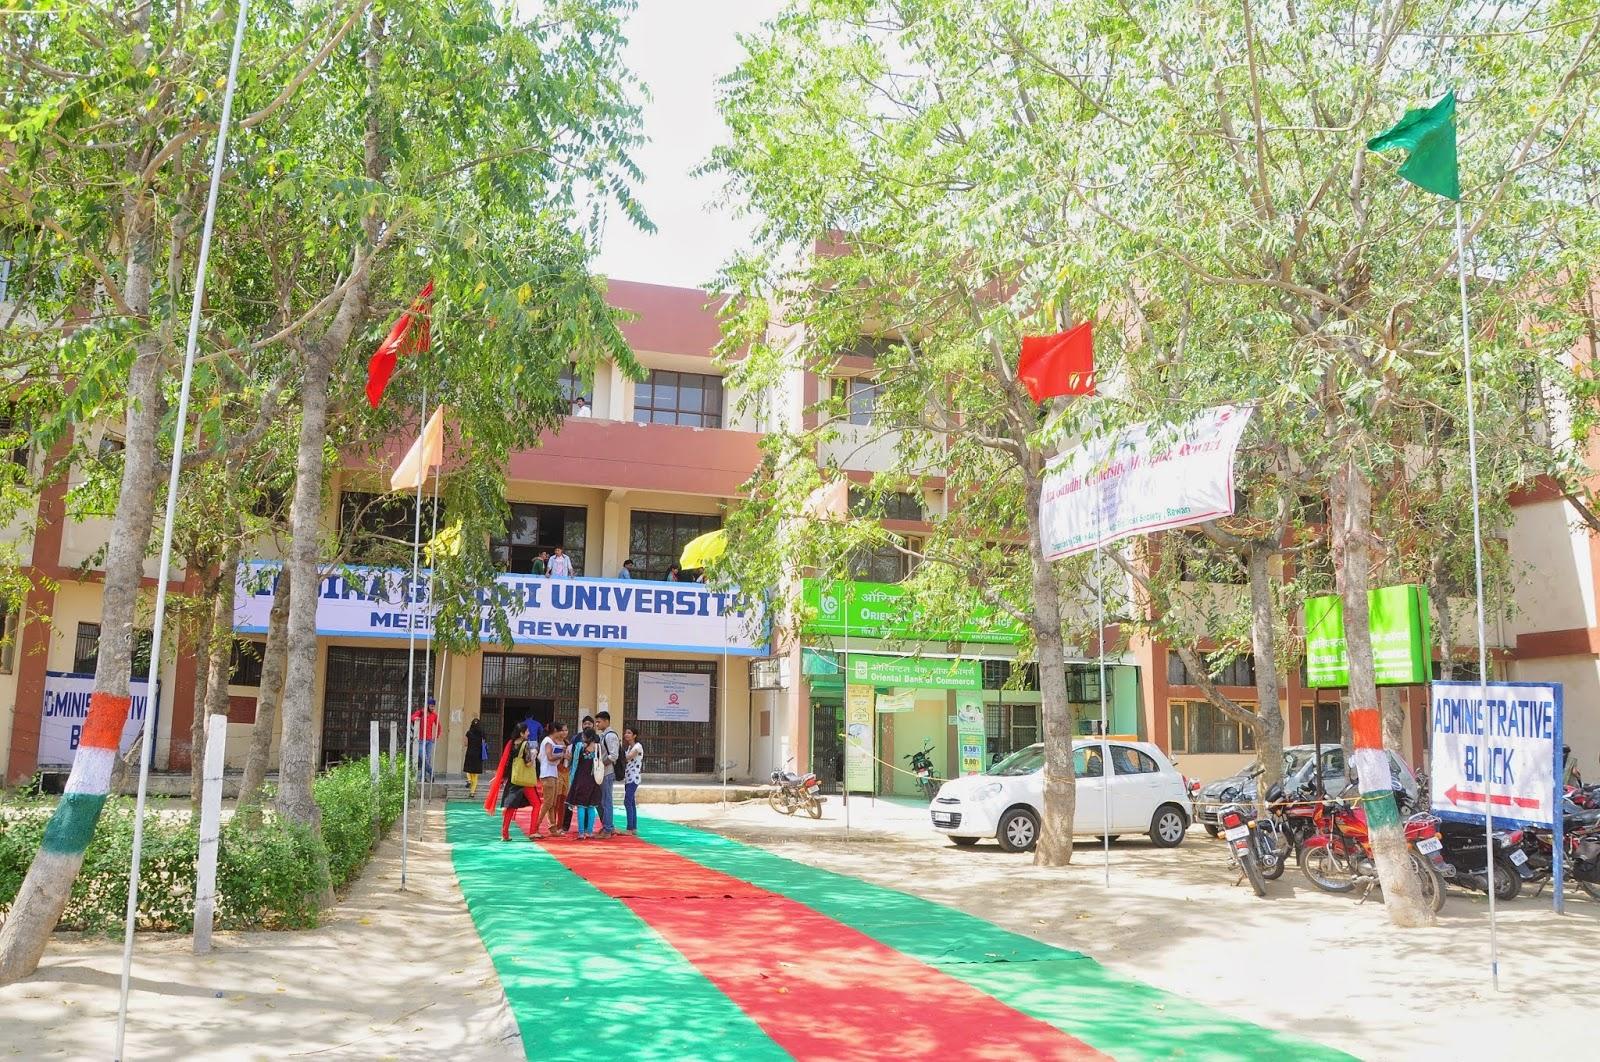 IGU Meerpur